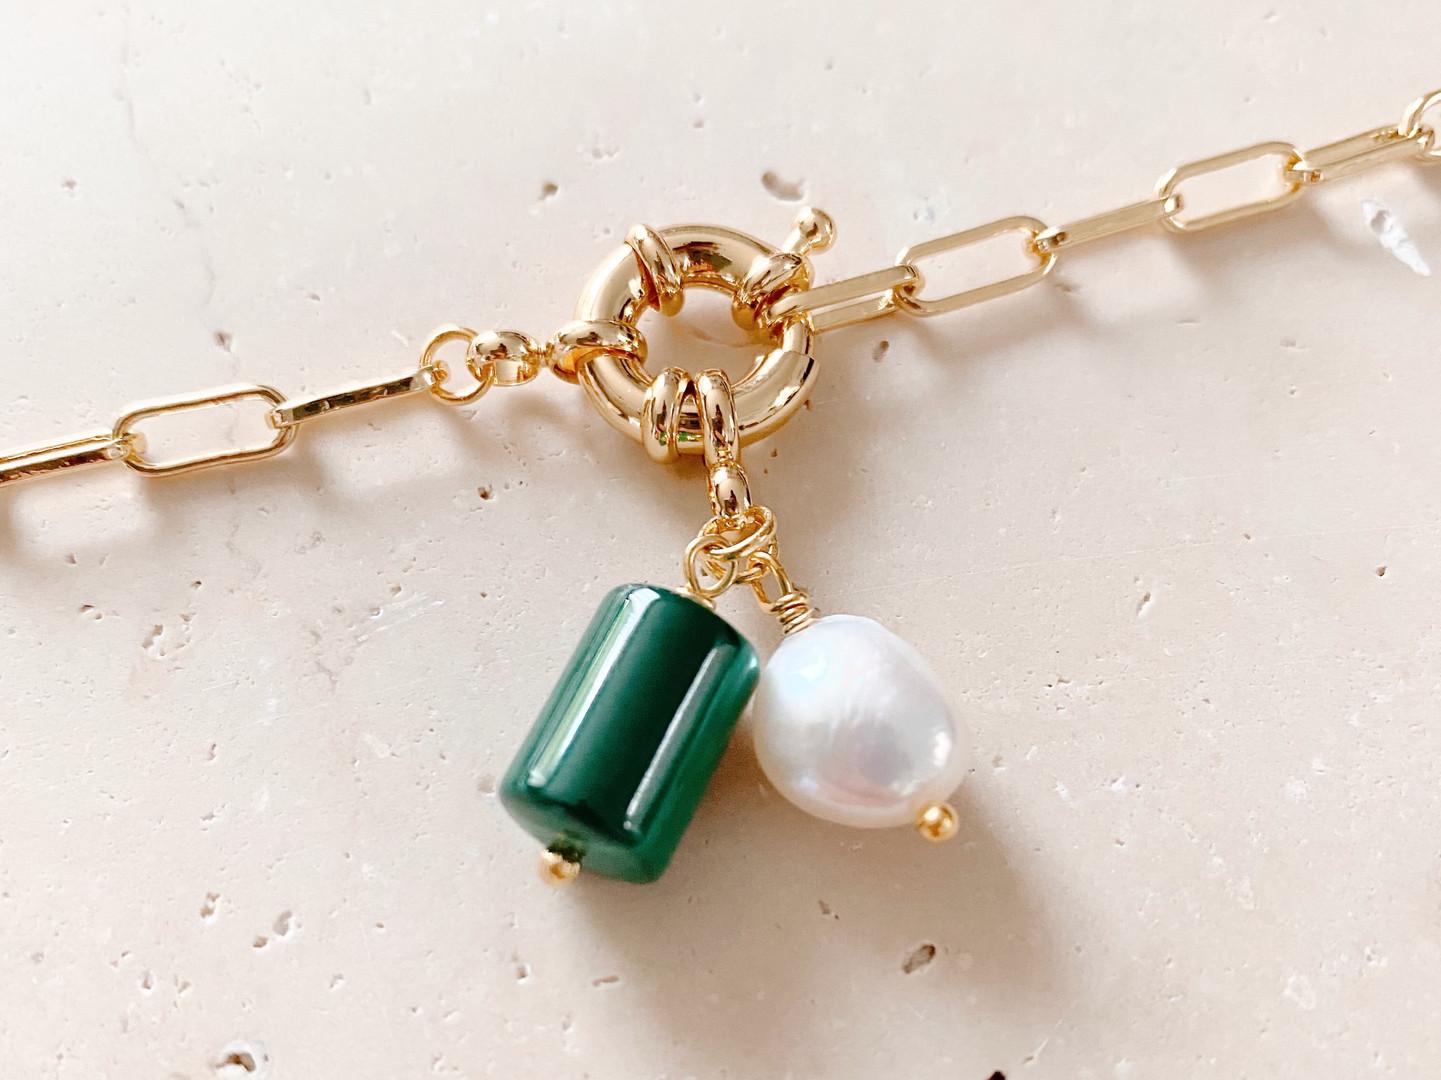 Malachite, or et perle d'eau douce